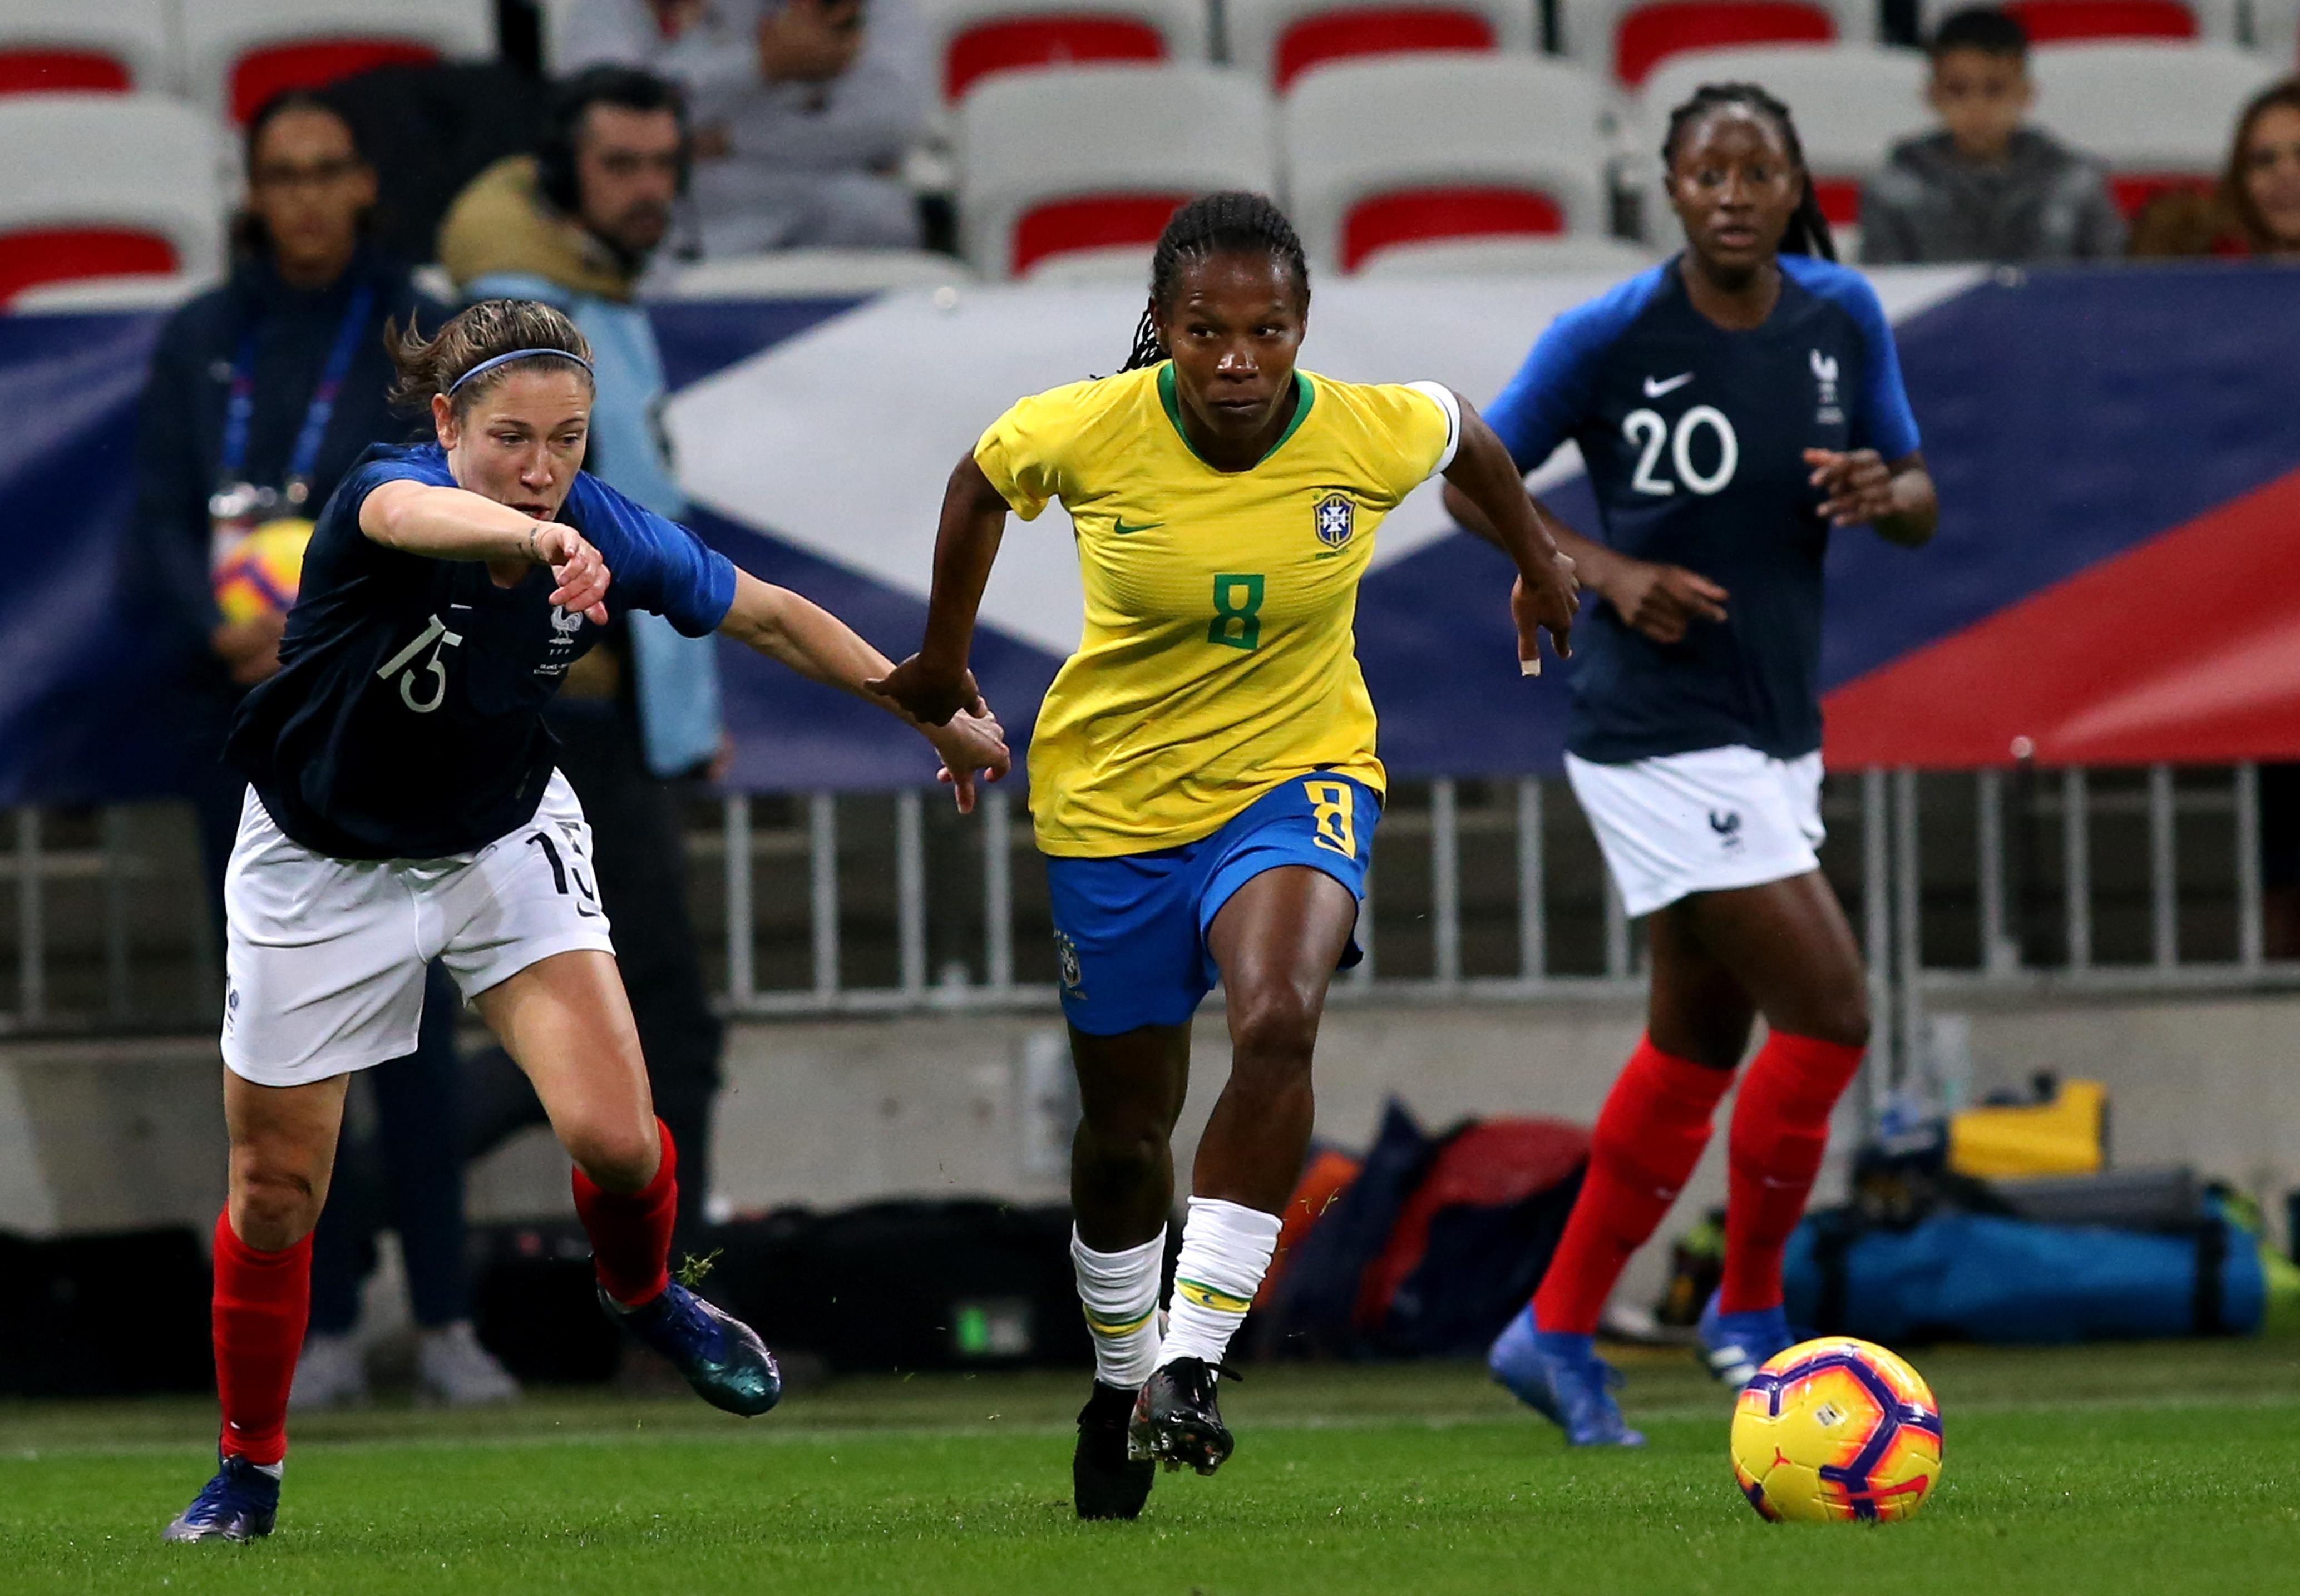 Formiga, da seleção brasileira, em partida amistosa com Elise Bussaglia, da França.